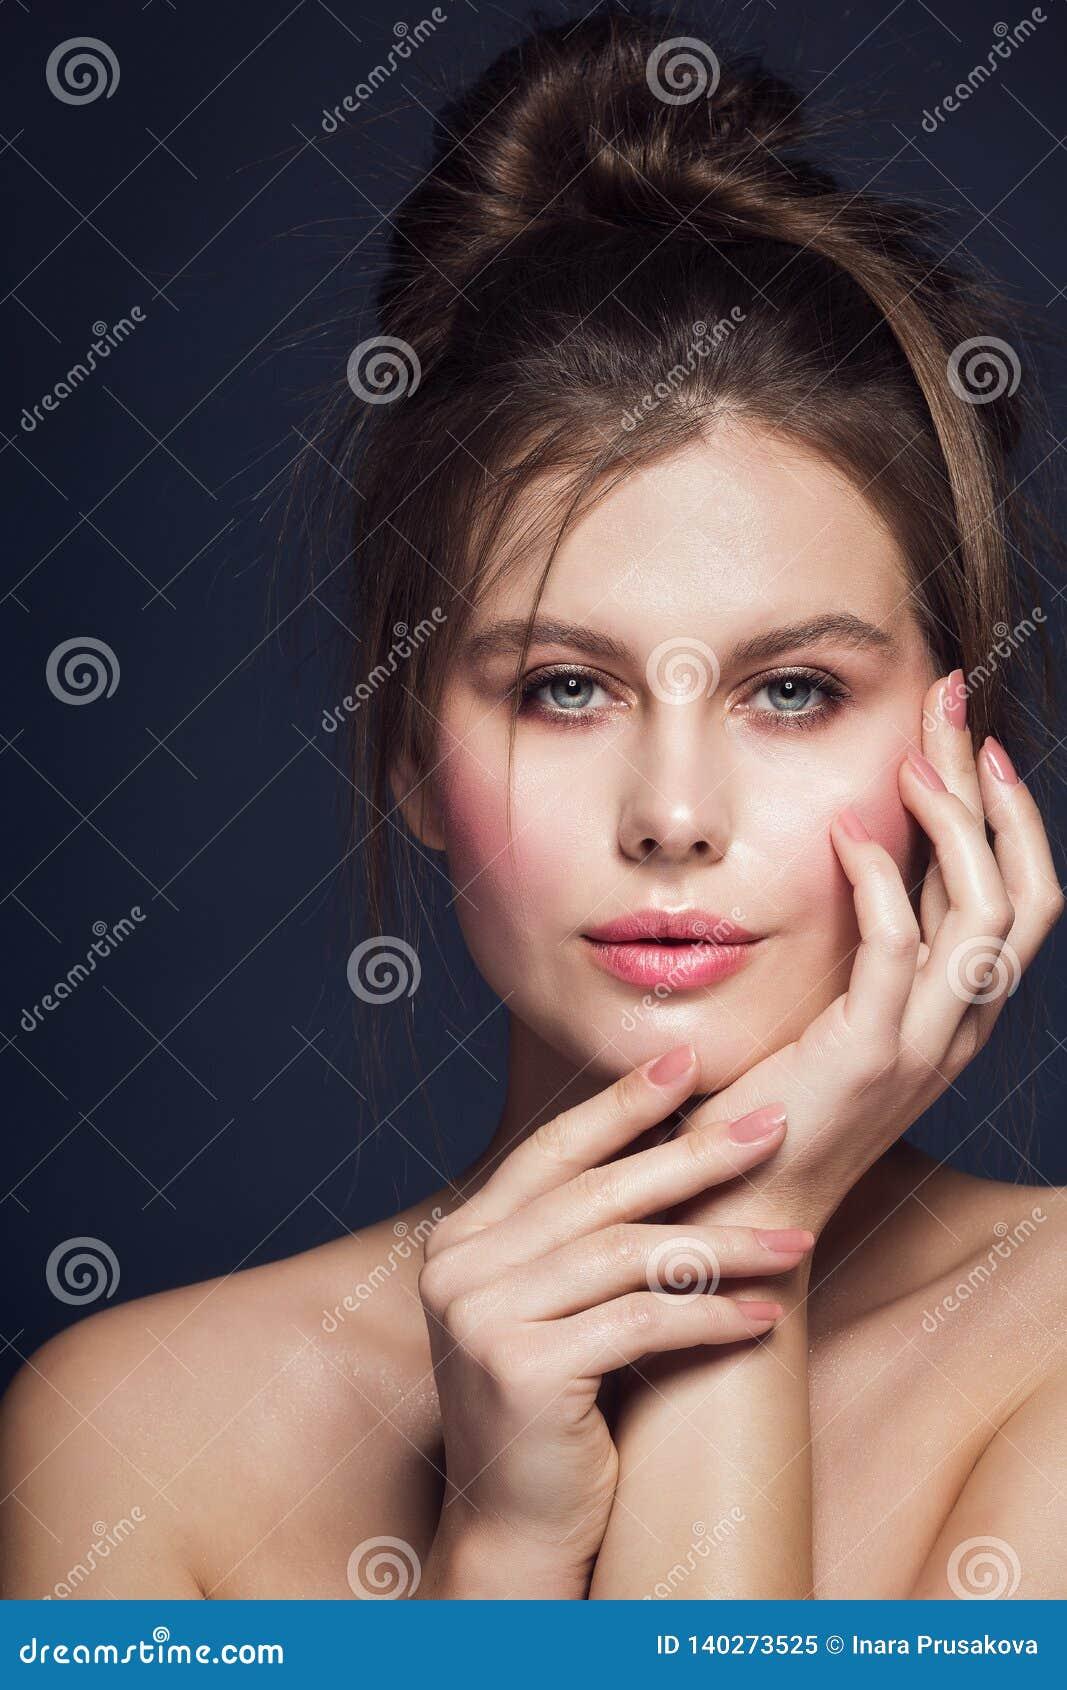 Modemodellen Beauty Makeup Portrait, kvinnarosa färg spikar polsk, kanter utgör, rufsar till hårstil